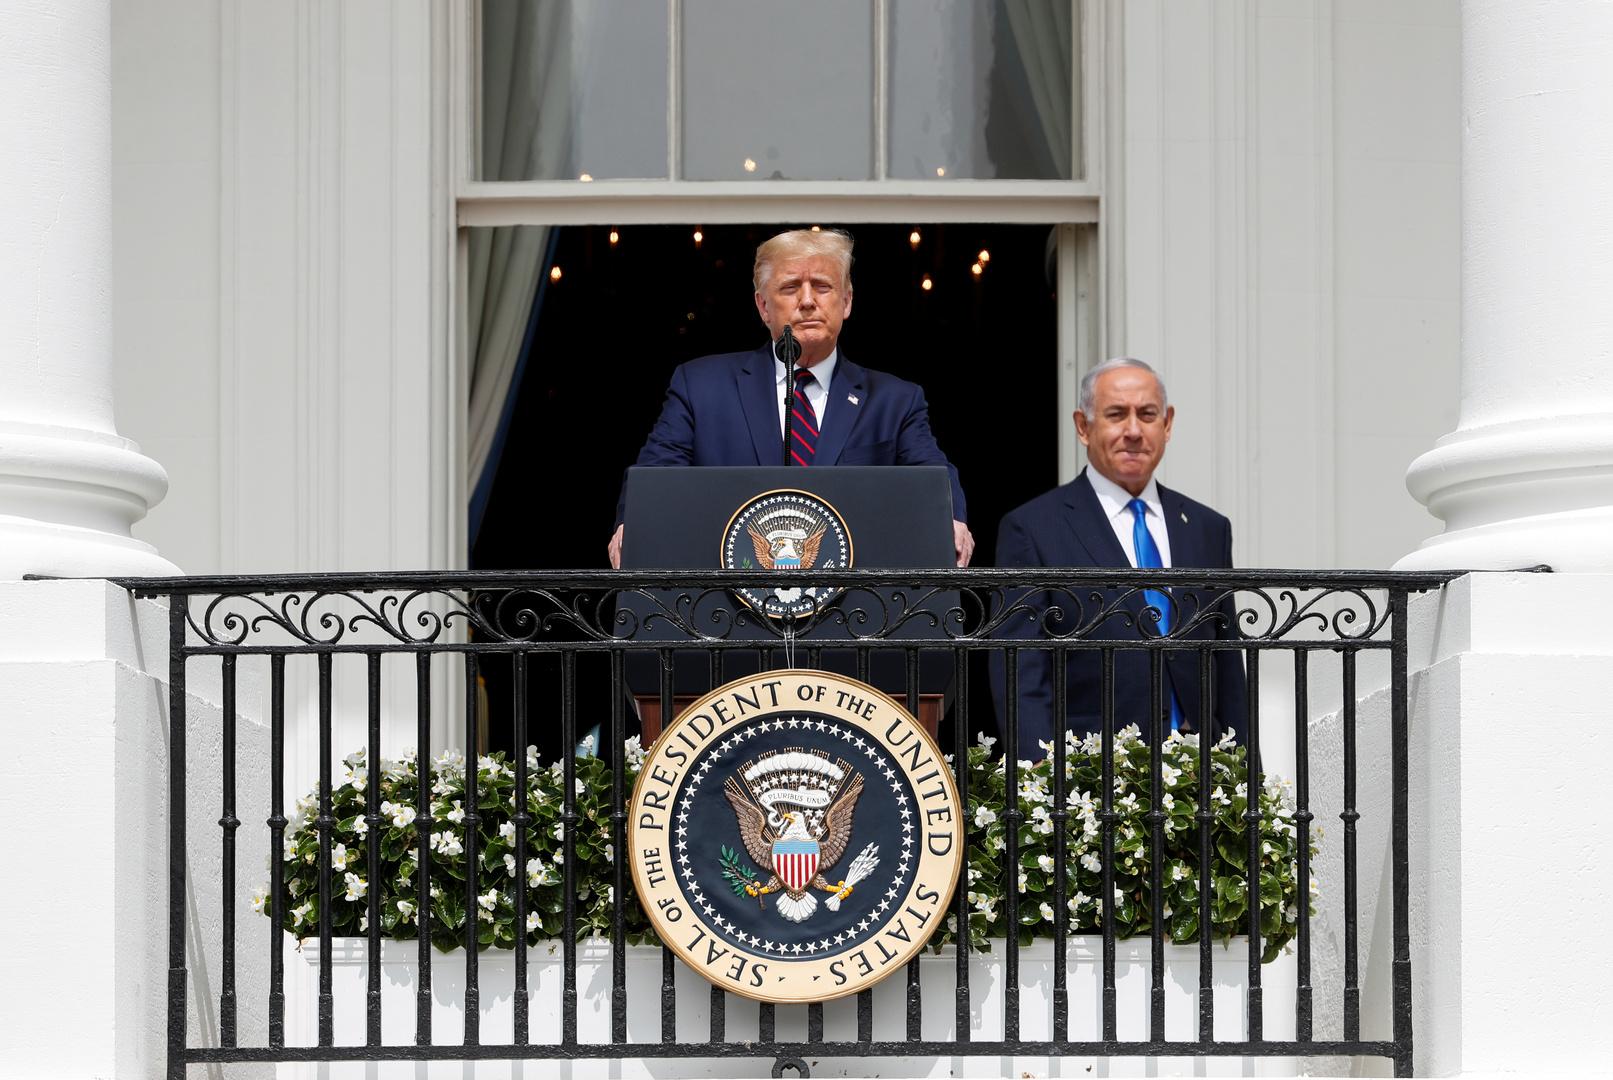 الرئيس الأمريكي، جونالد ترامب، يلقي كلمته من شرفة البيت الأبيض بمناسبة توقيع